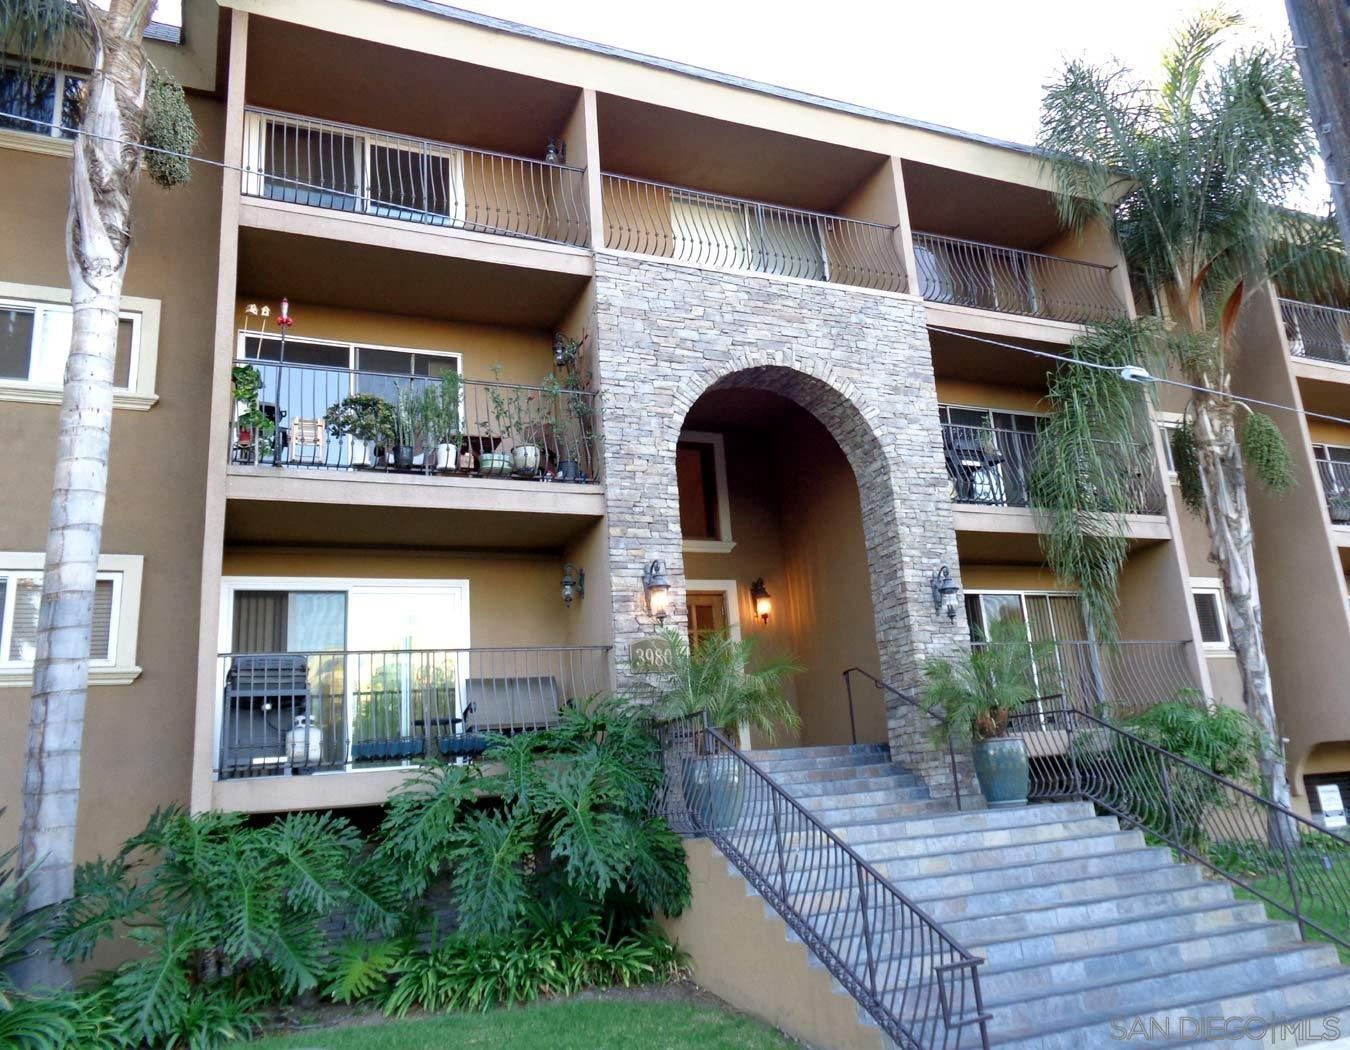 3980 8Th Ave 211, San Diego, CA 92103